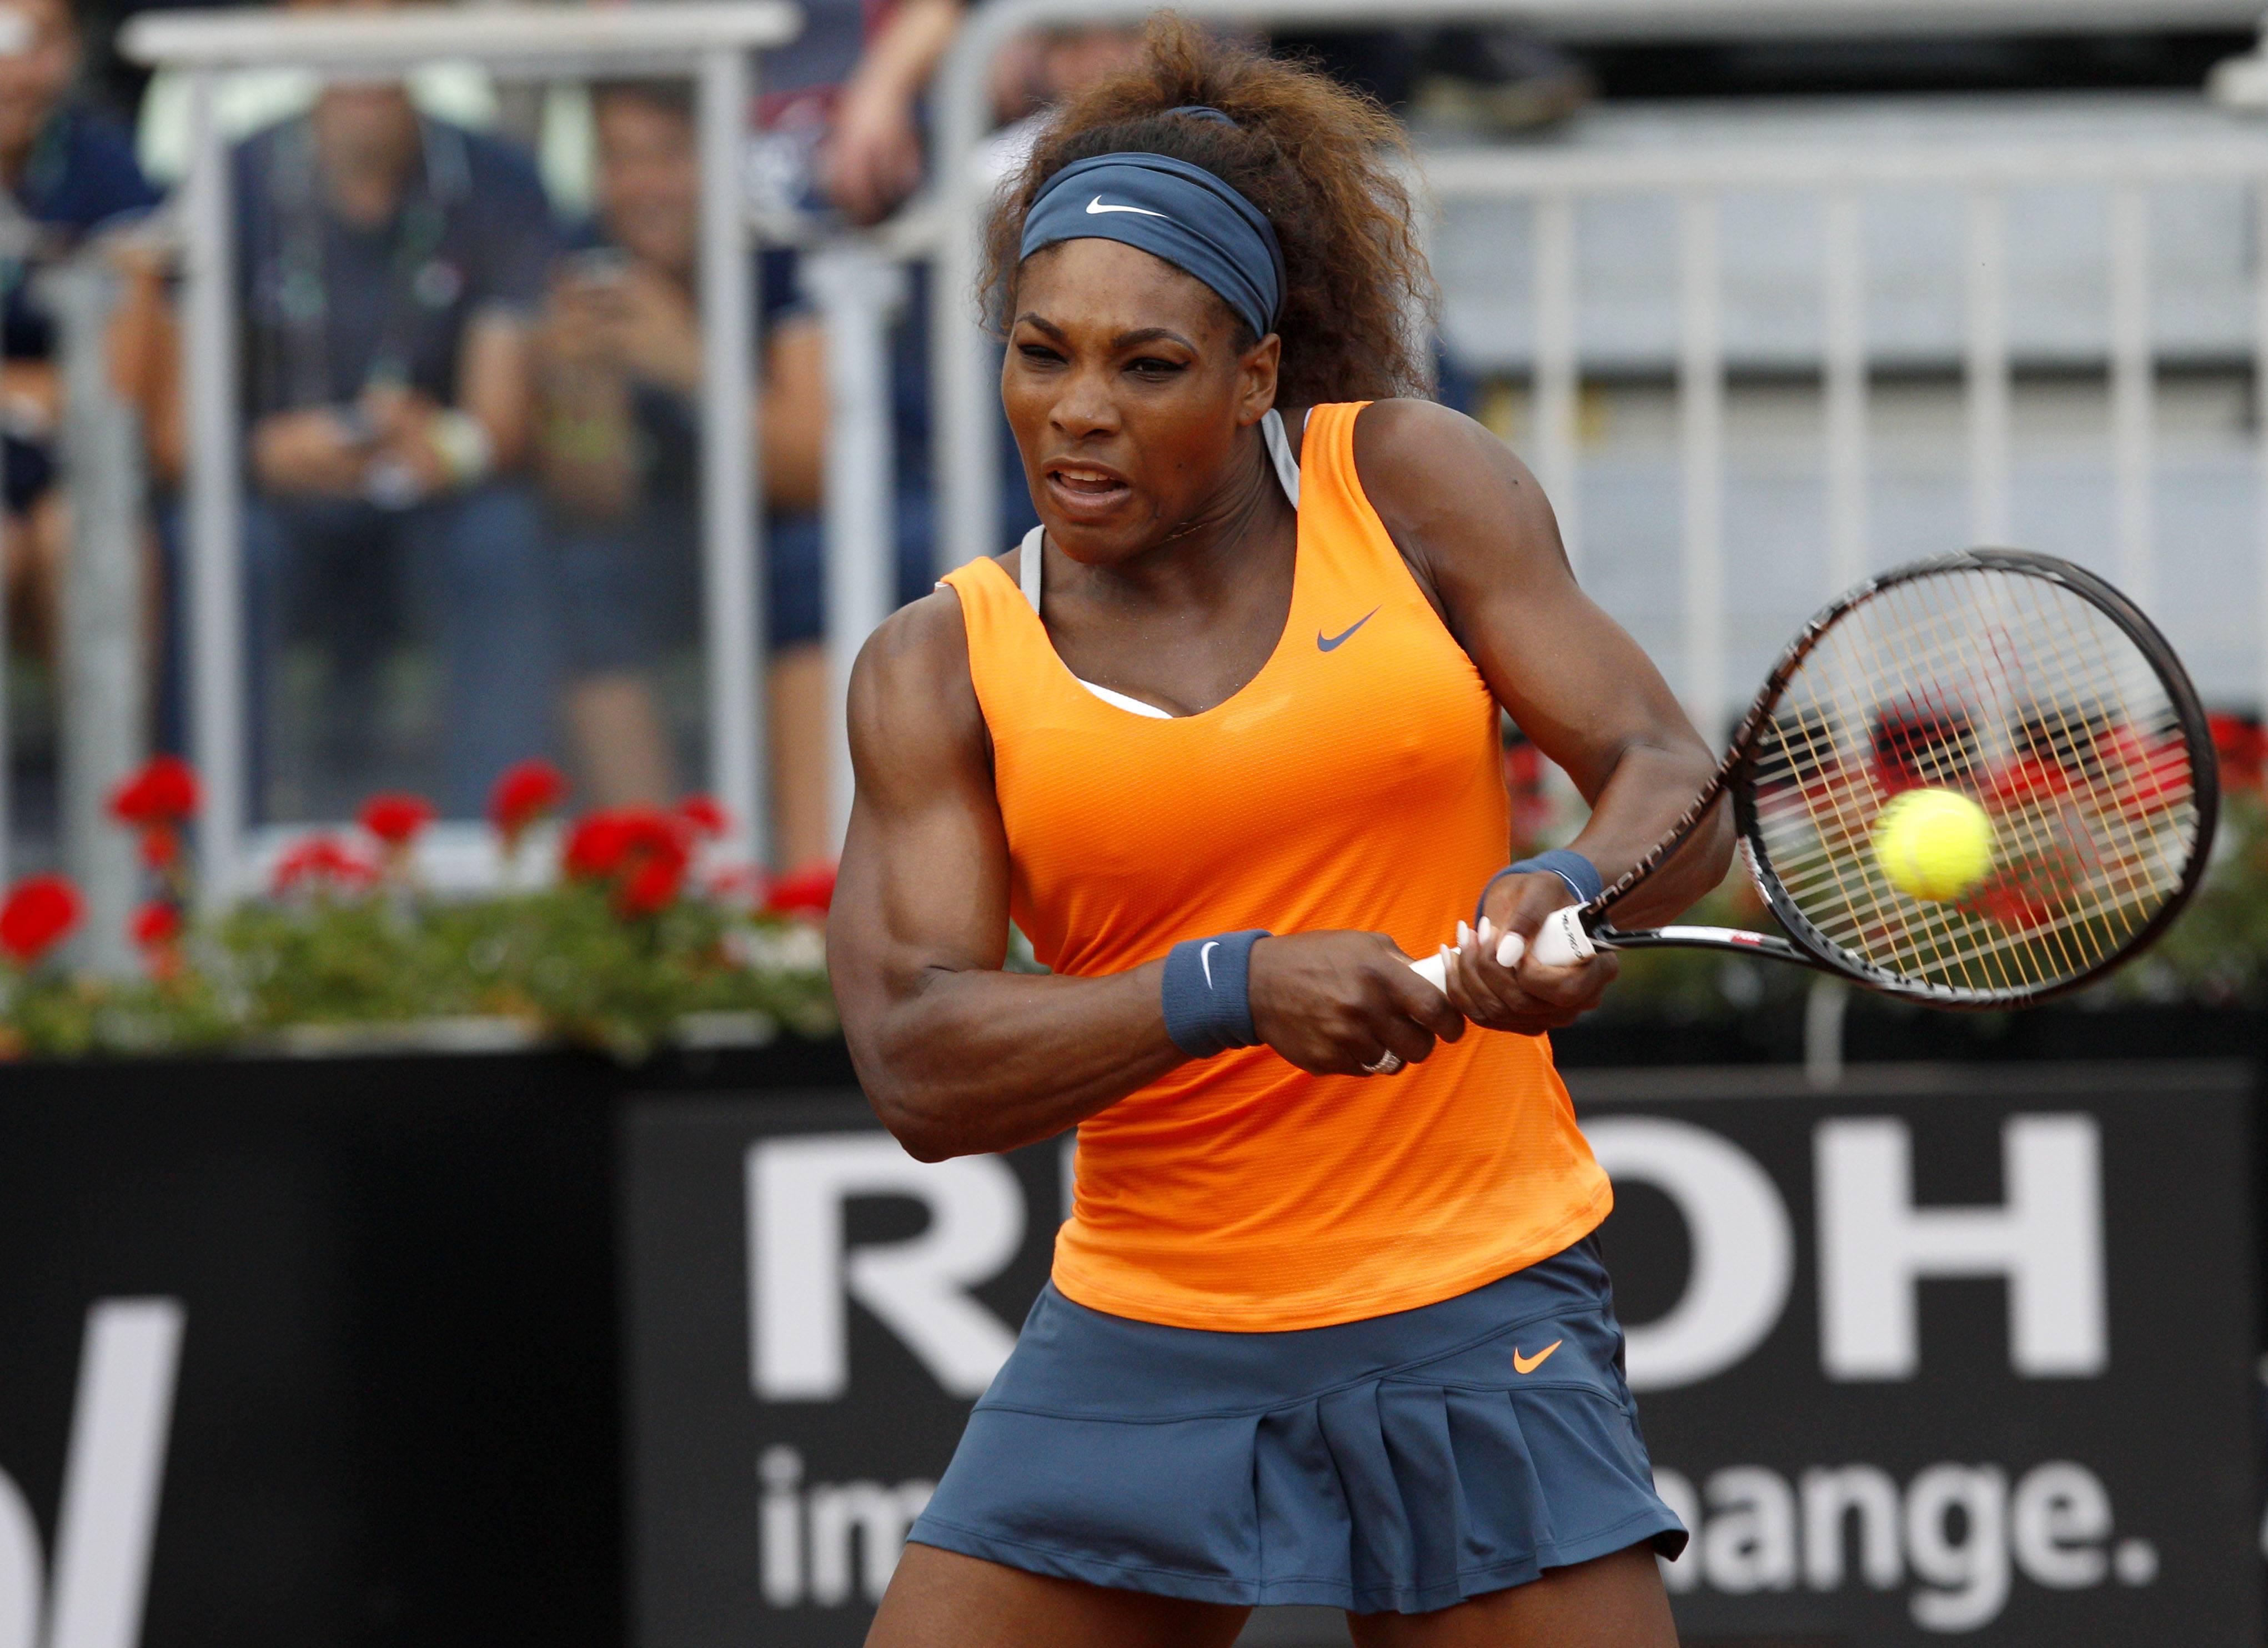 http://sport.img.com.ua/b/orig/b/69/860d6b1ded6fe99a87850a177aa8069b.jpg